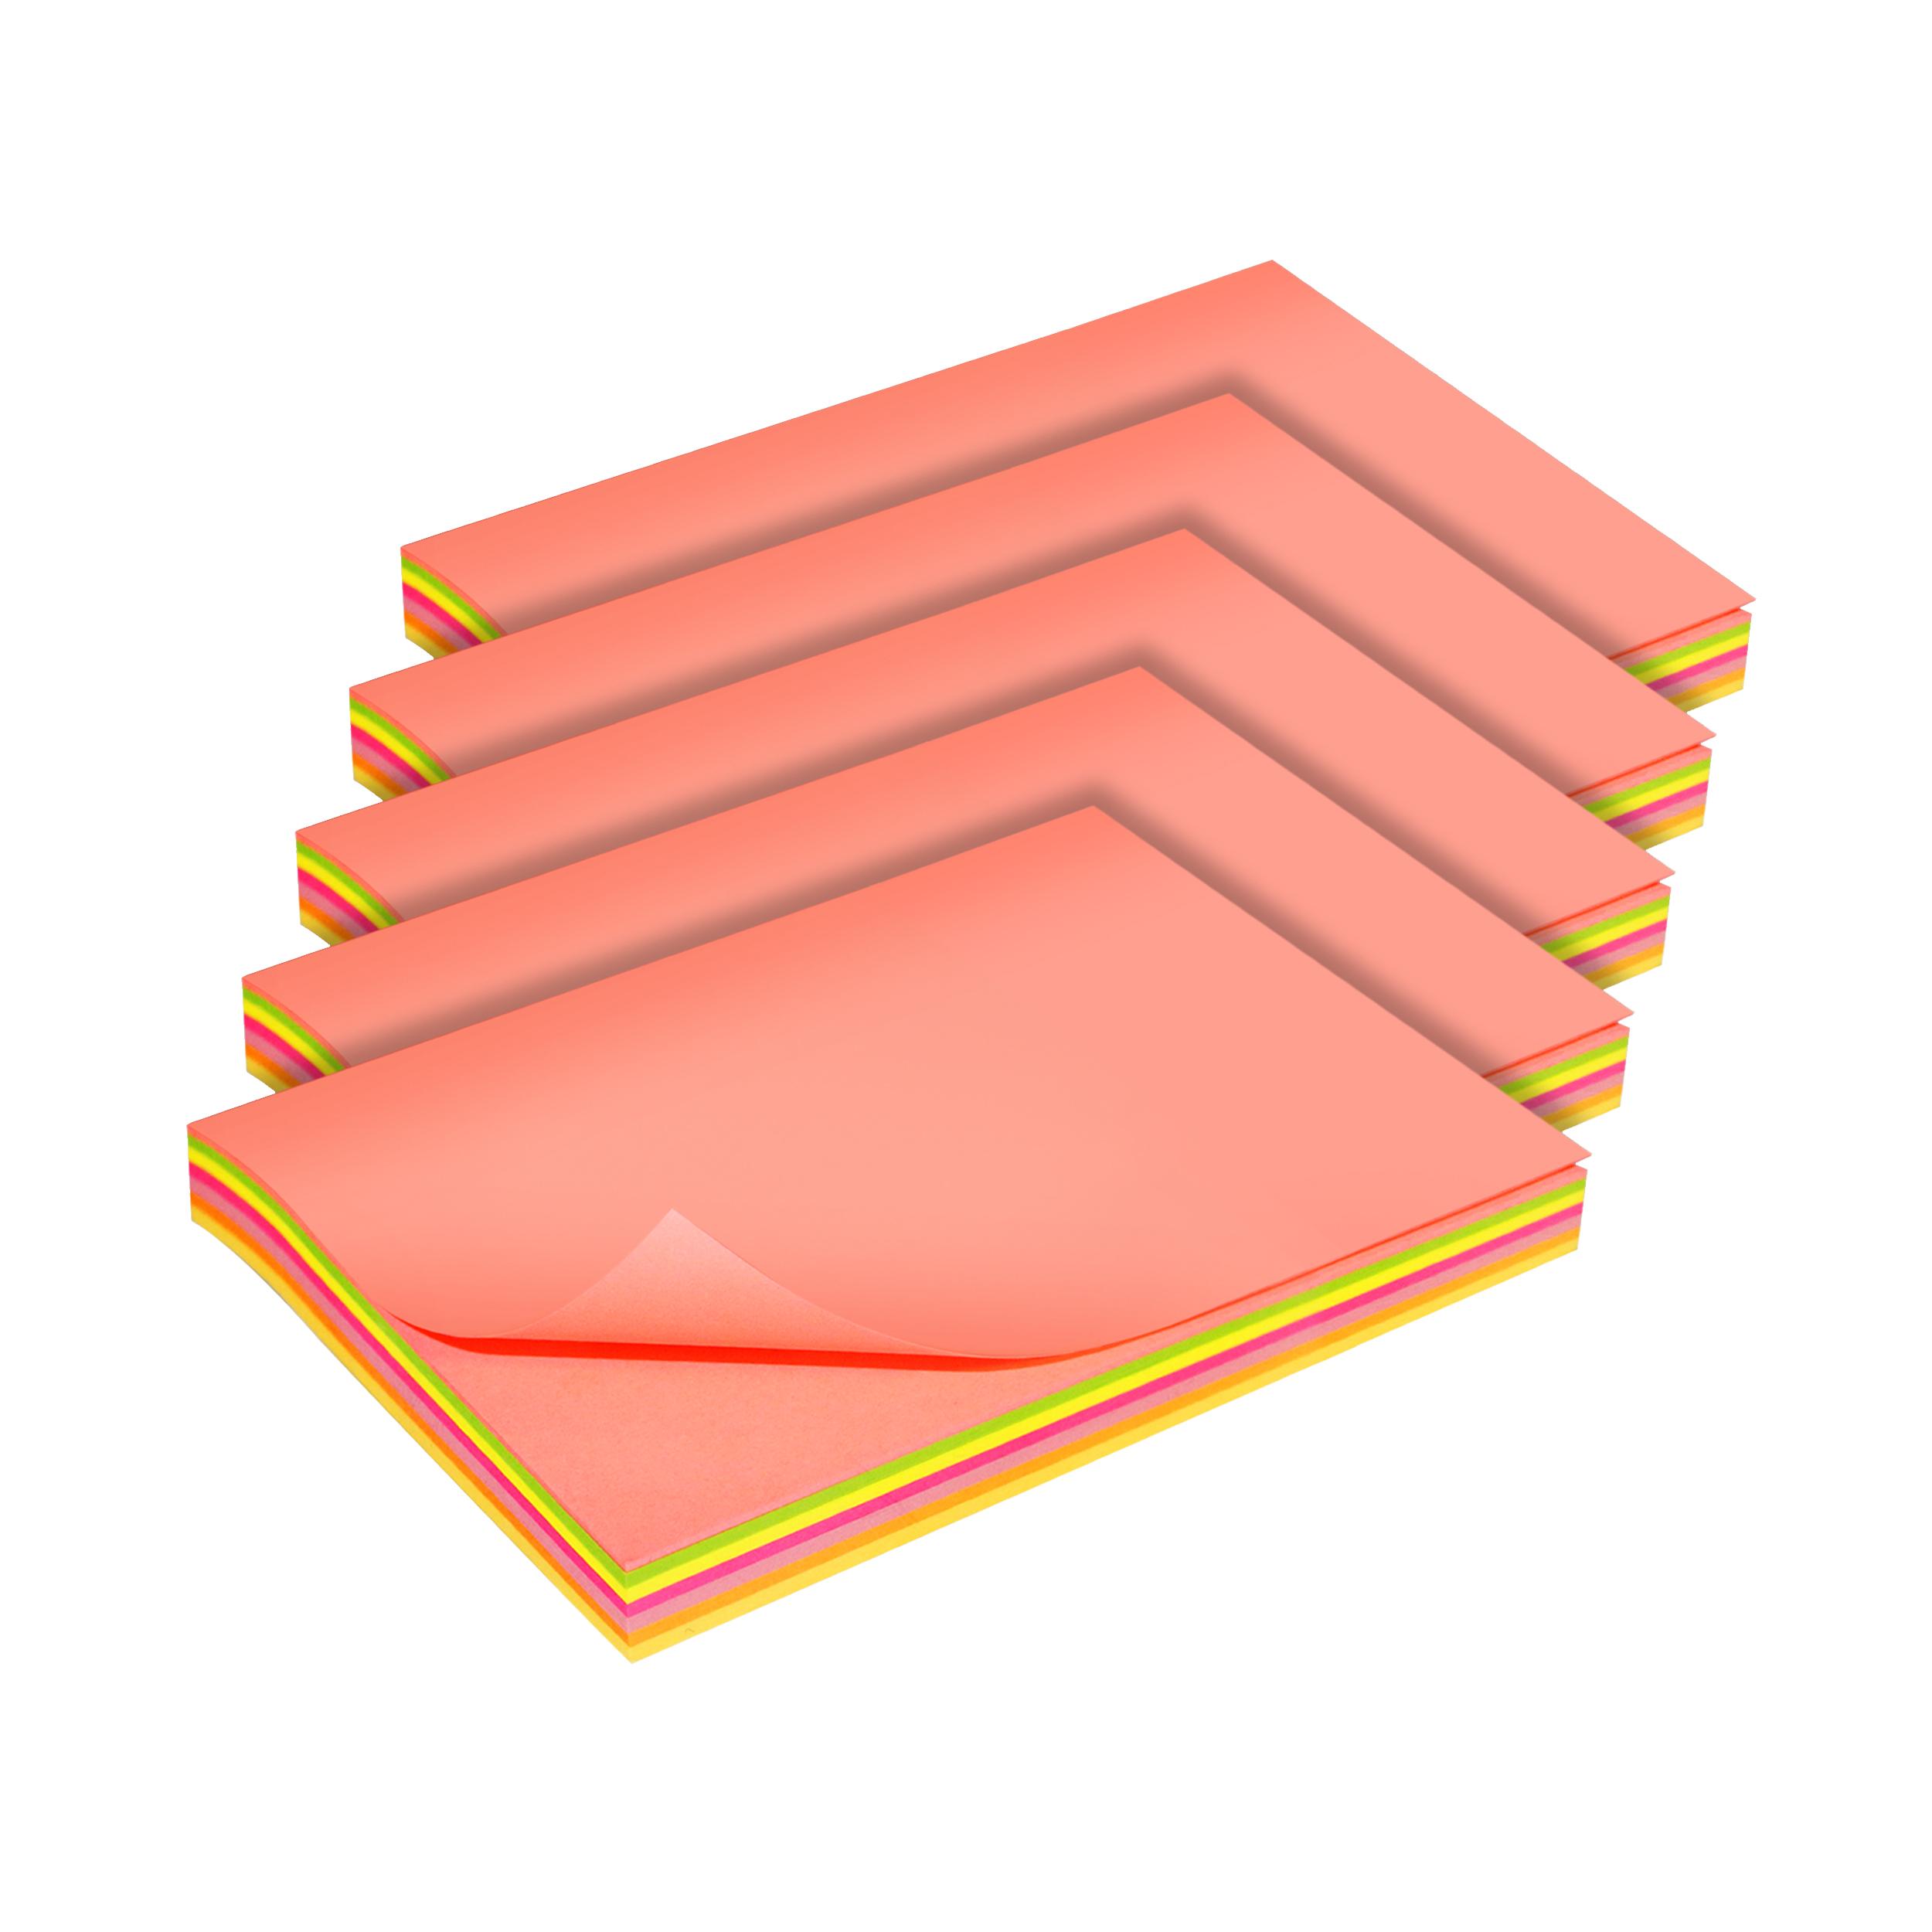 کاغذ یادداشت چسب دار سان رایز  کد STN-100-MC-100 بسته 5 عددی